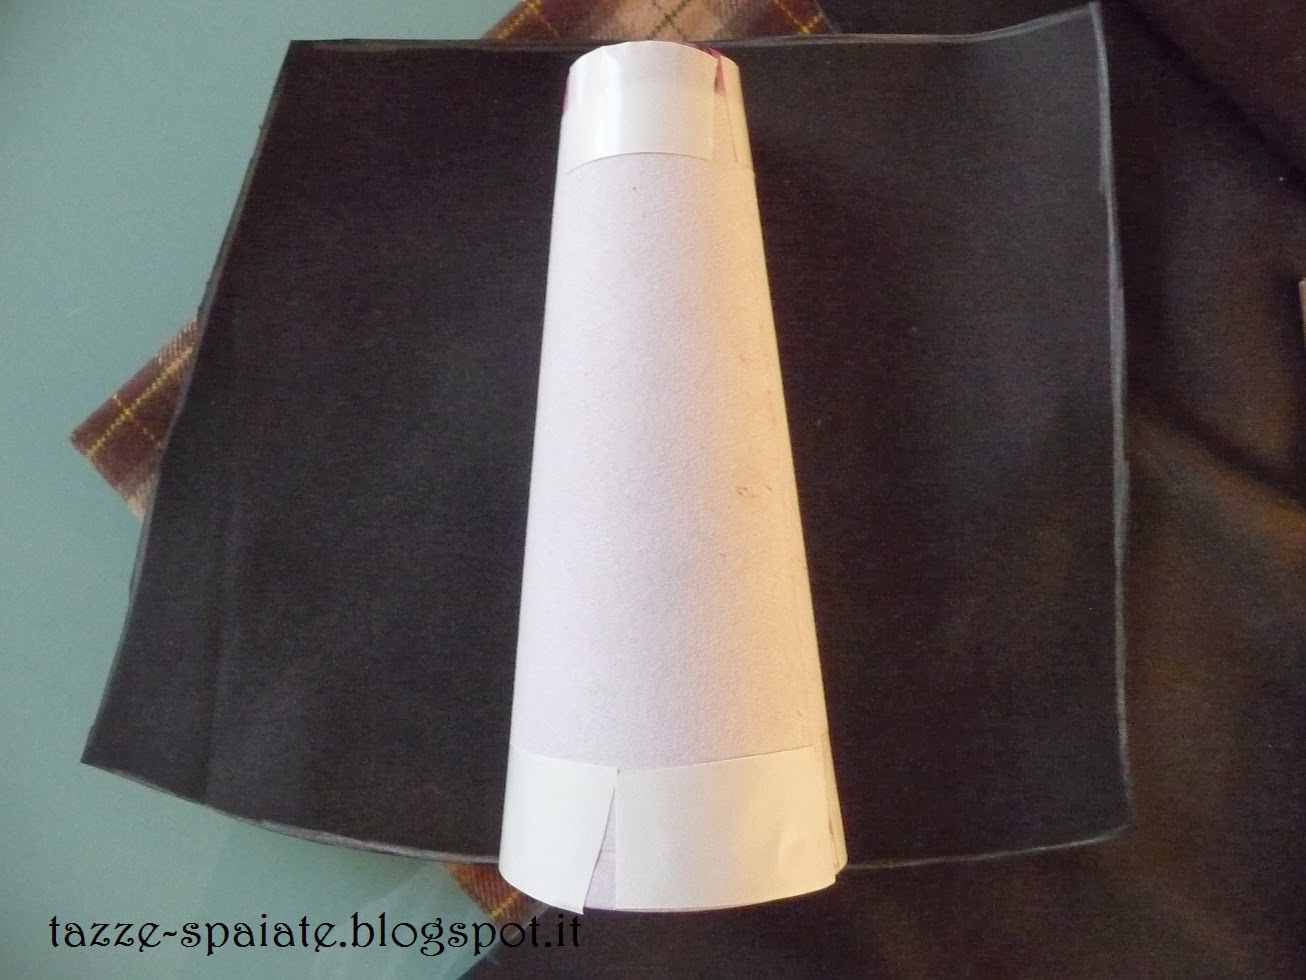 Tazze spaiate pastore per il presepe dell 39 asilo diy - Col foglio rosa posso portare passeggeri ...